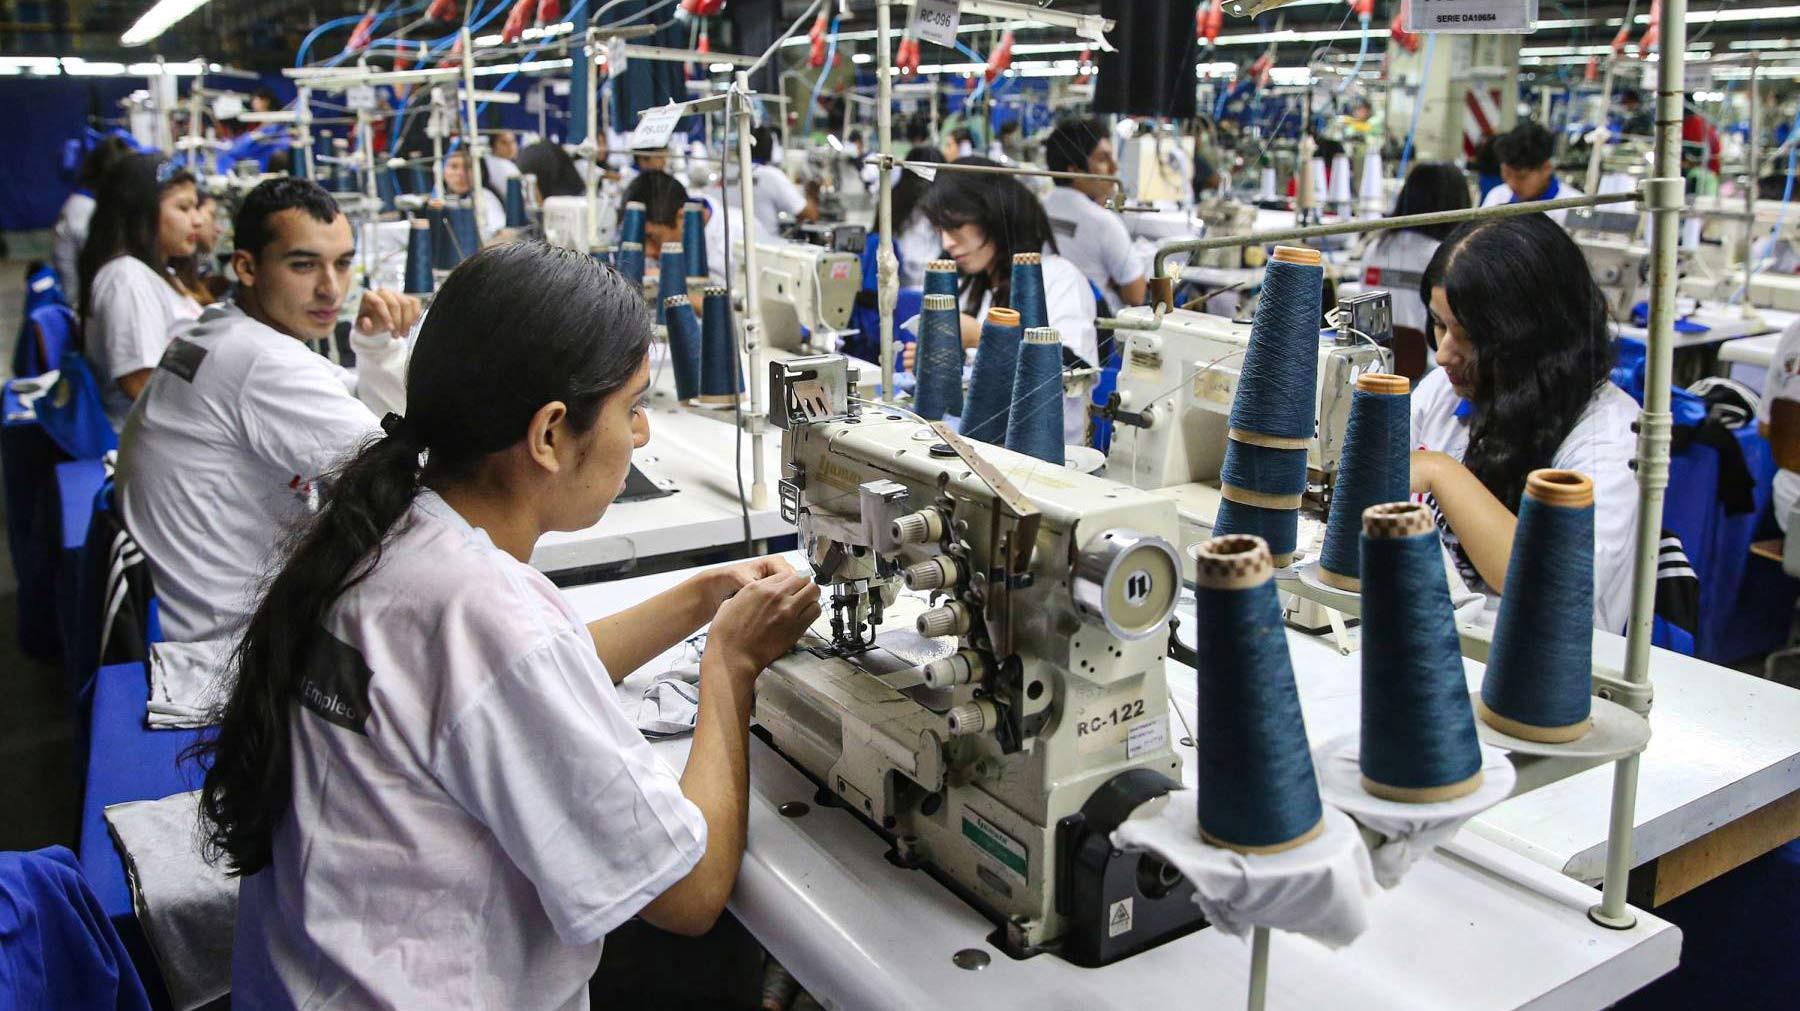 Suspensión de labores: ¿qué factores tomar en cuenta para obtener la aprobación del MTPE?